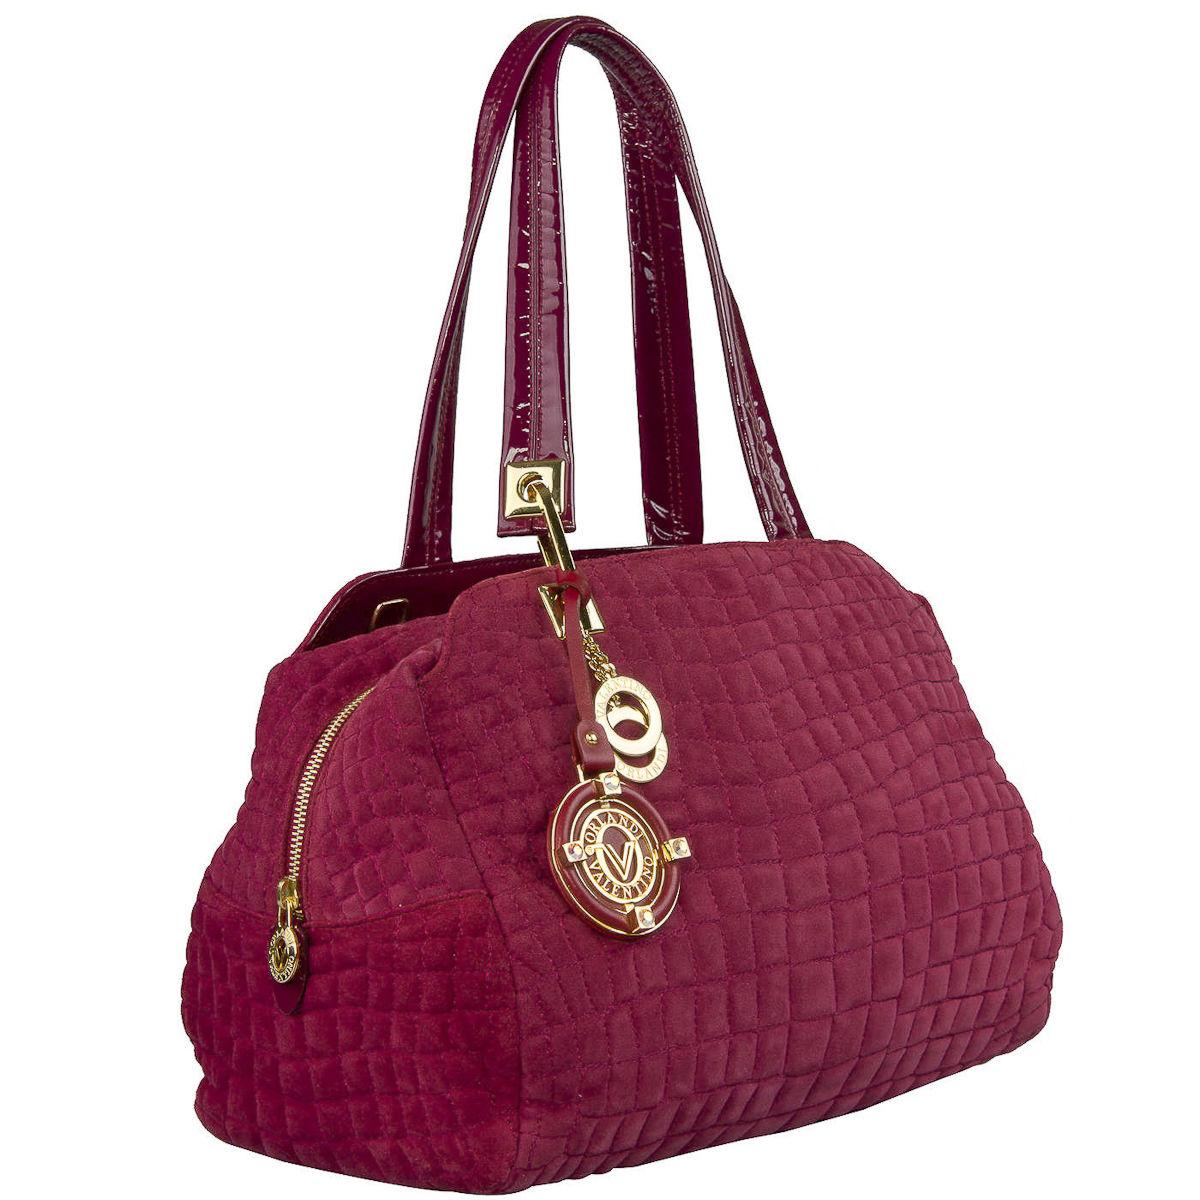 efbf8a682ff1 Итальянские сумки Бренды    Оригинальные сумки